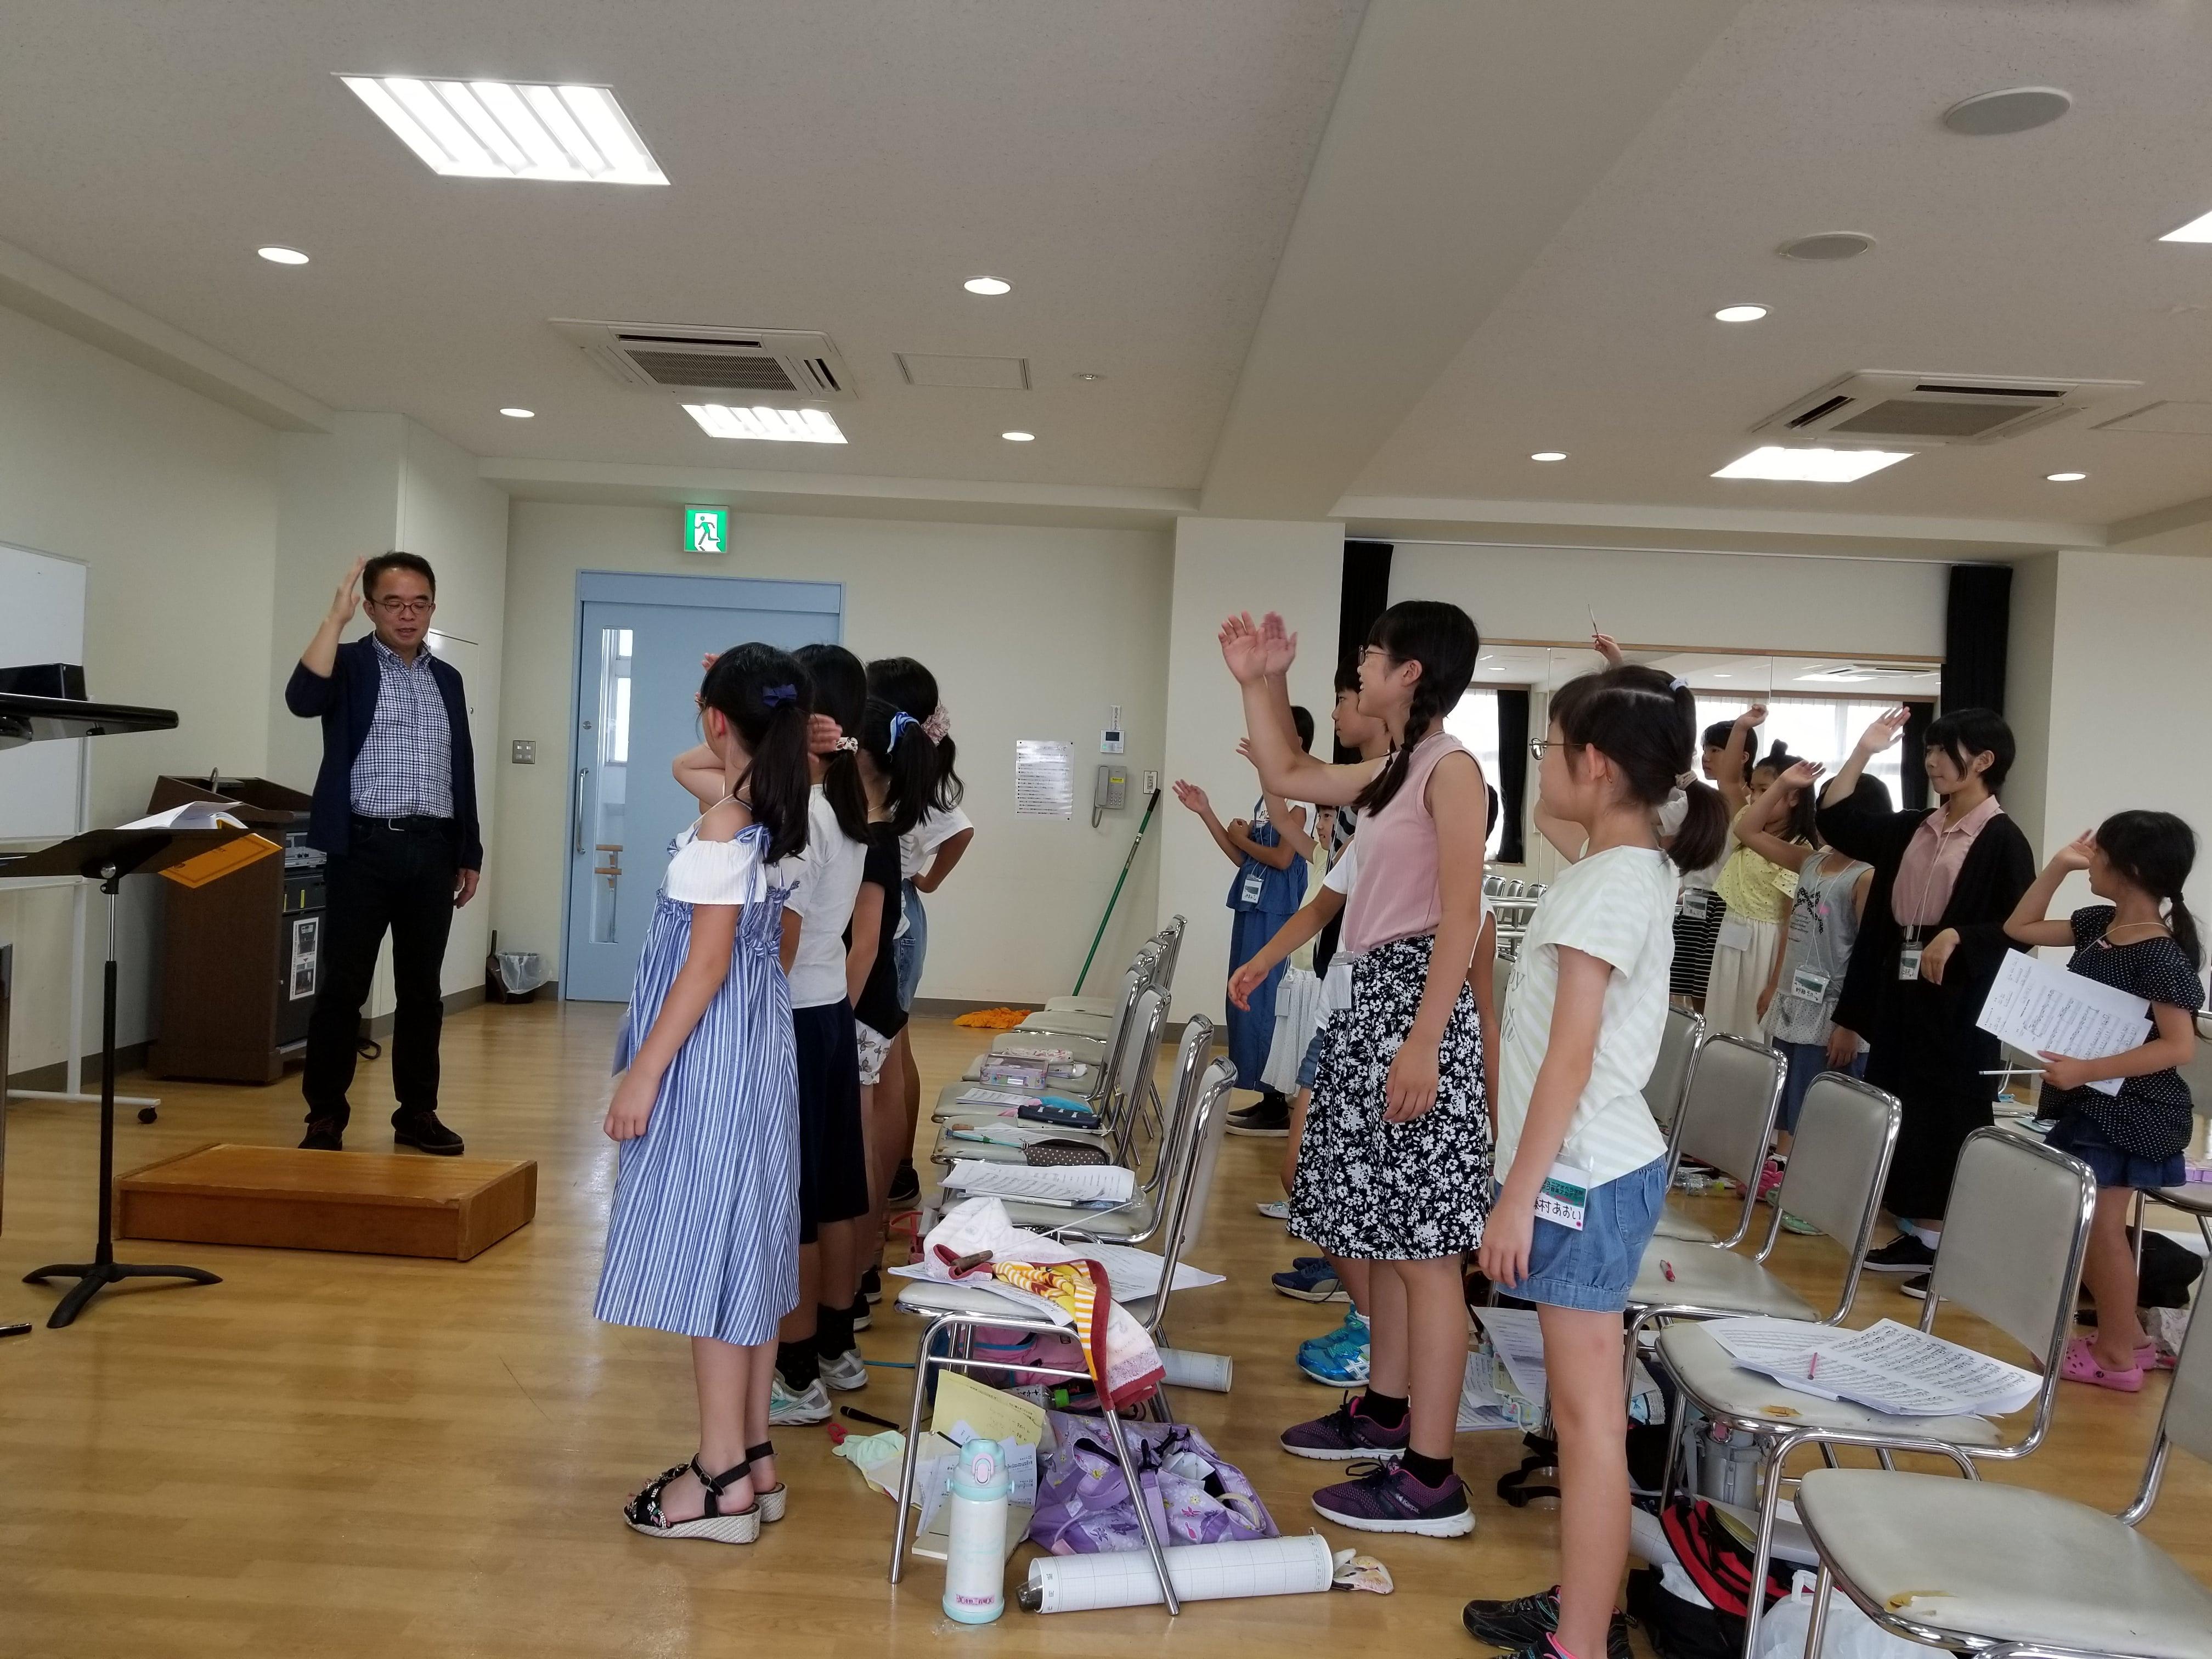 千葉ジュニアオペラ学校2020夏休み⭐︎コロナに負けるな!音楽で元気に!⭐︎ ZOOM開催のイメージその3